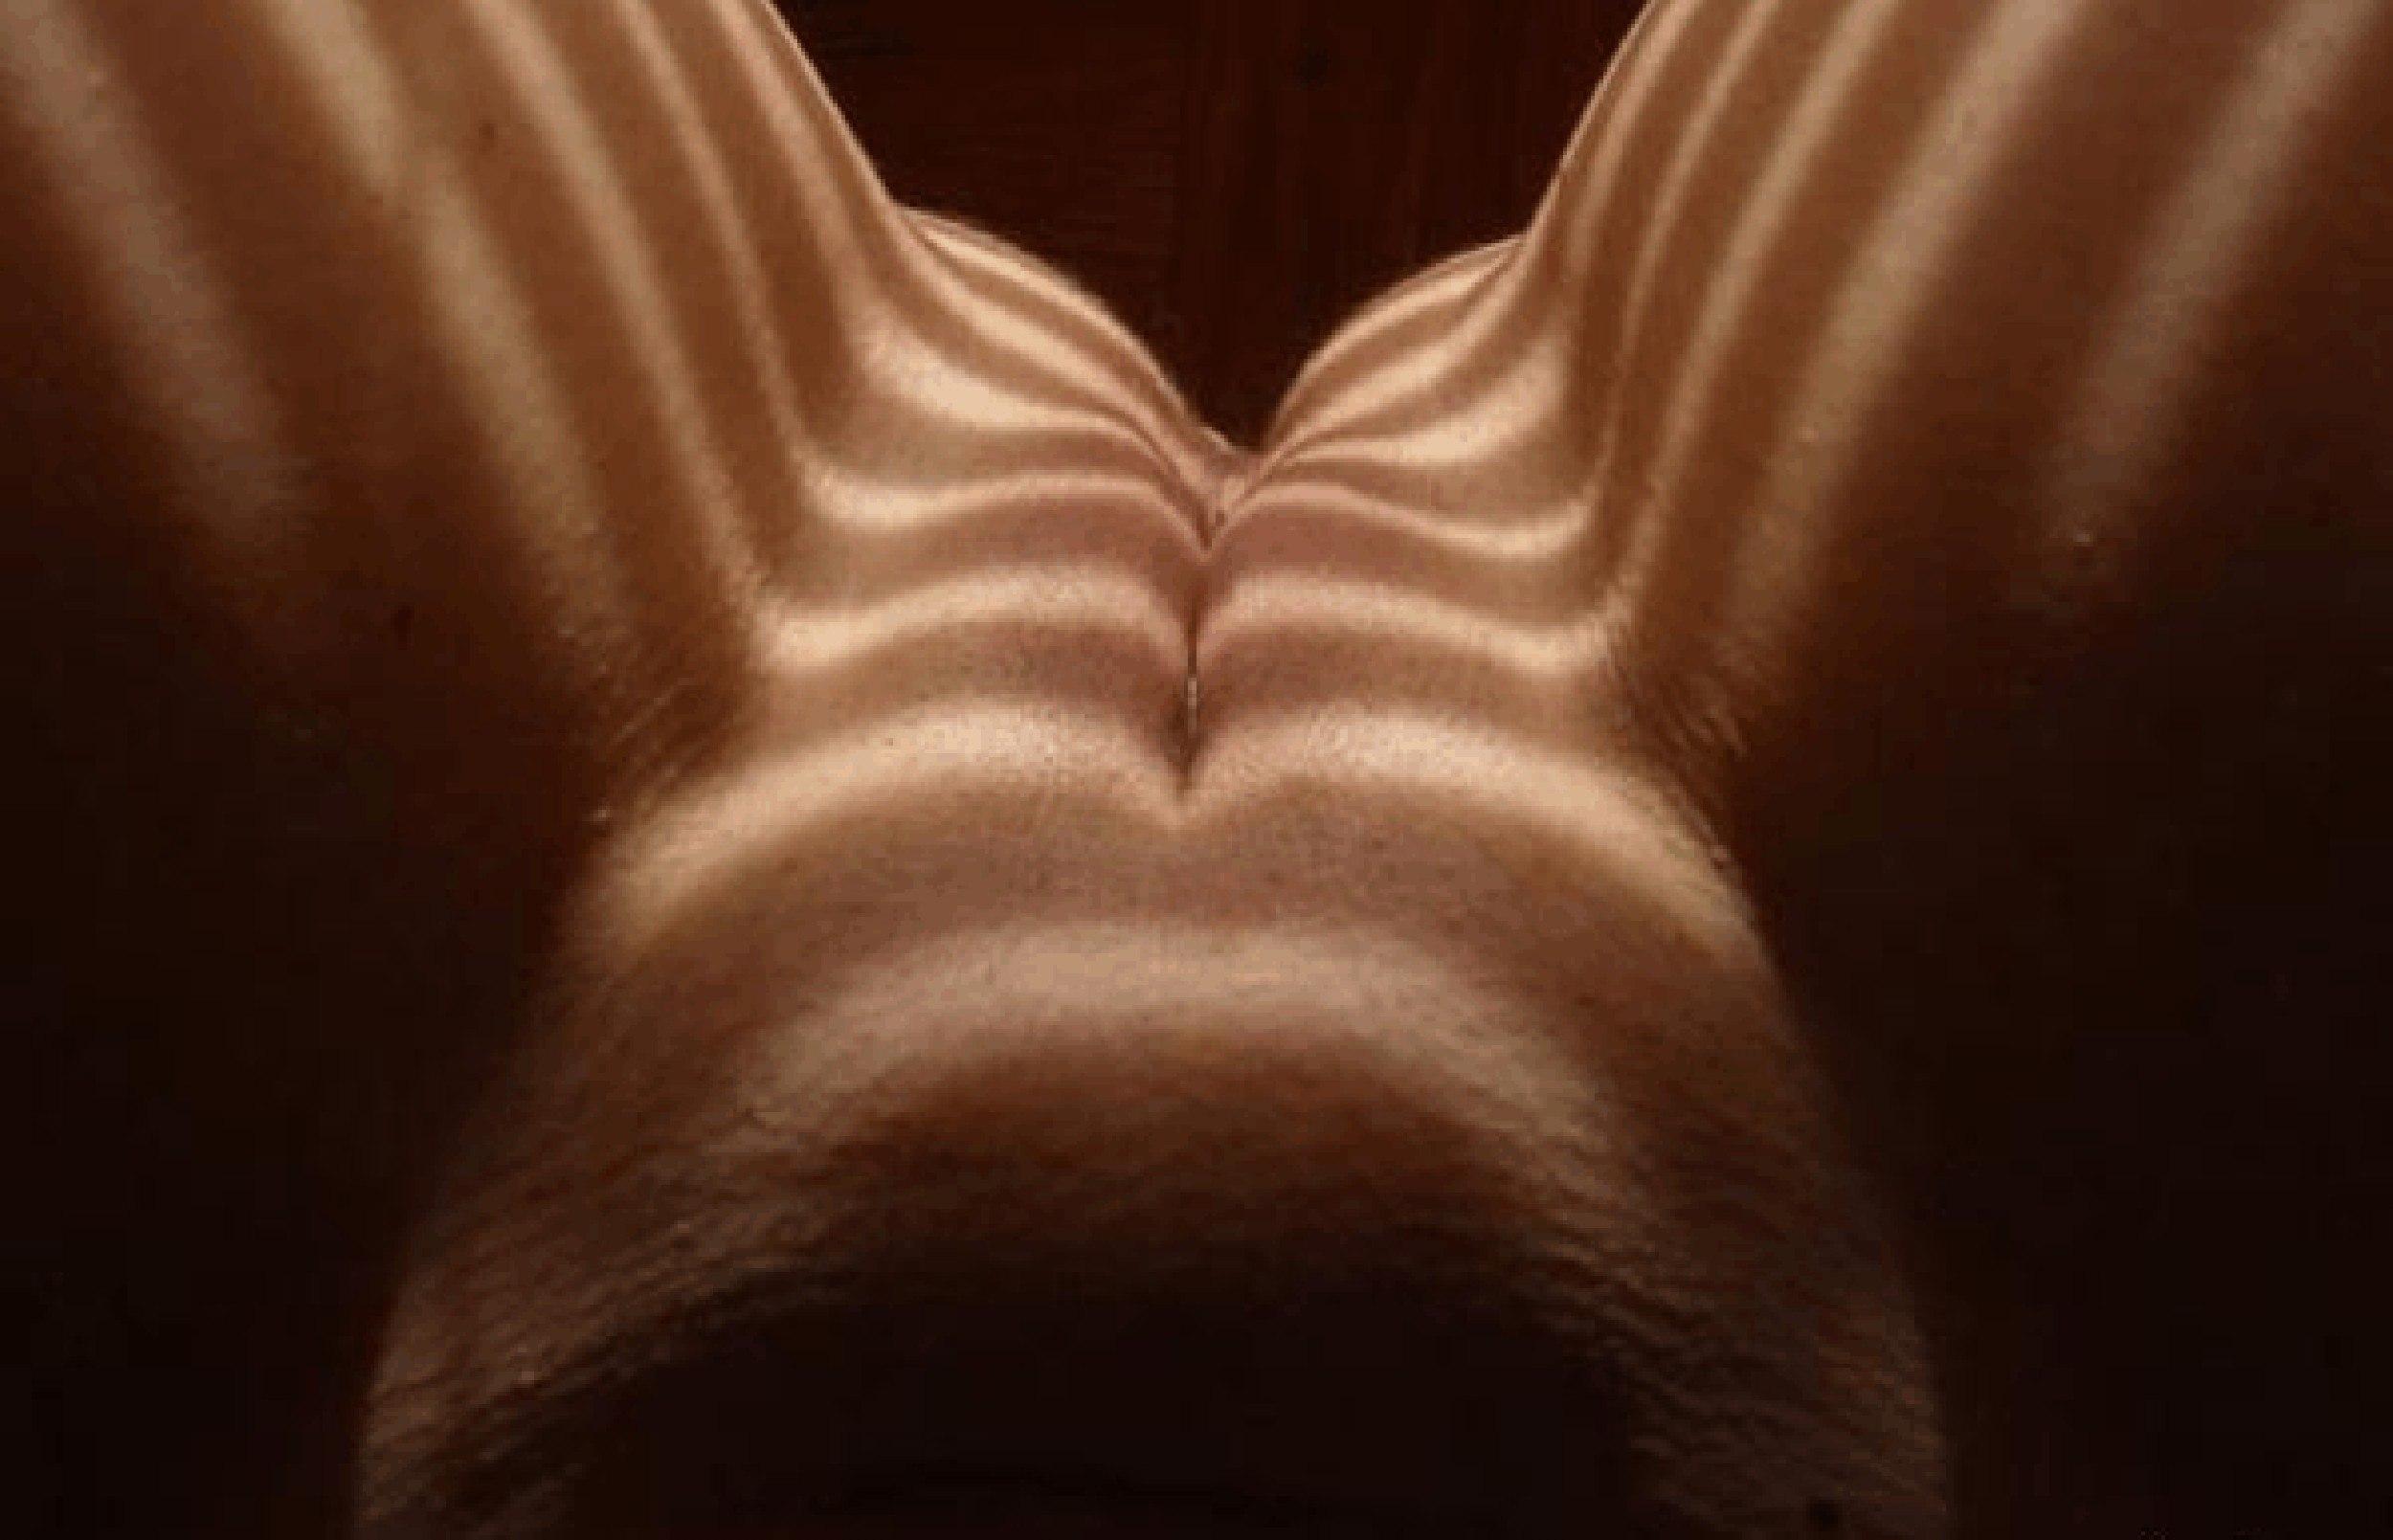 Сочные влагалища в разных местах - секс порно фото